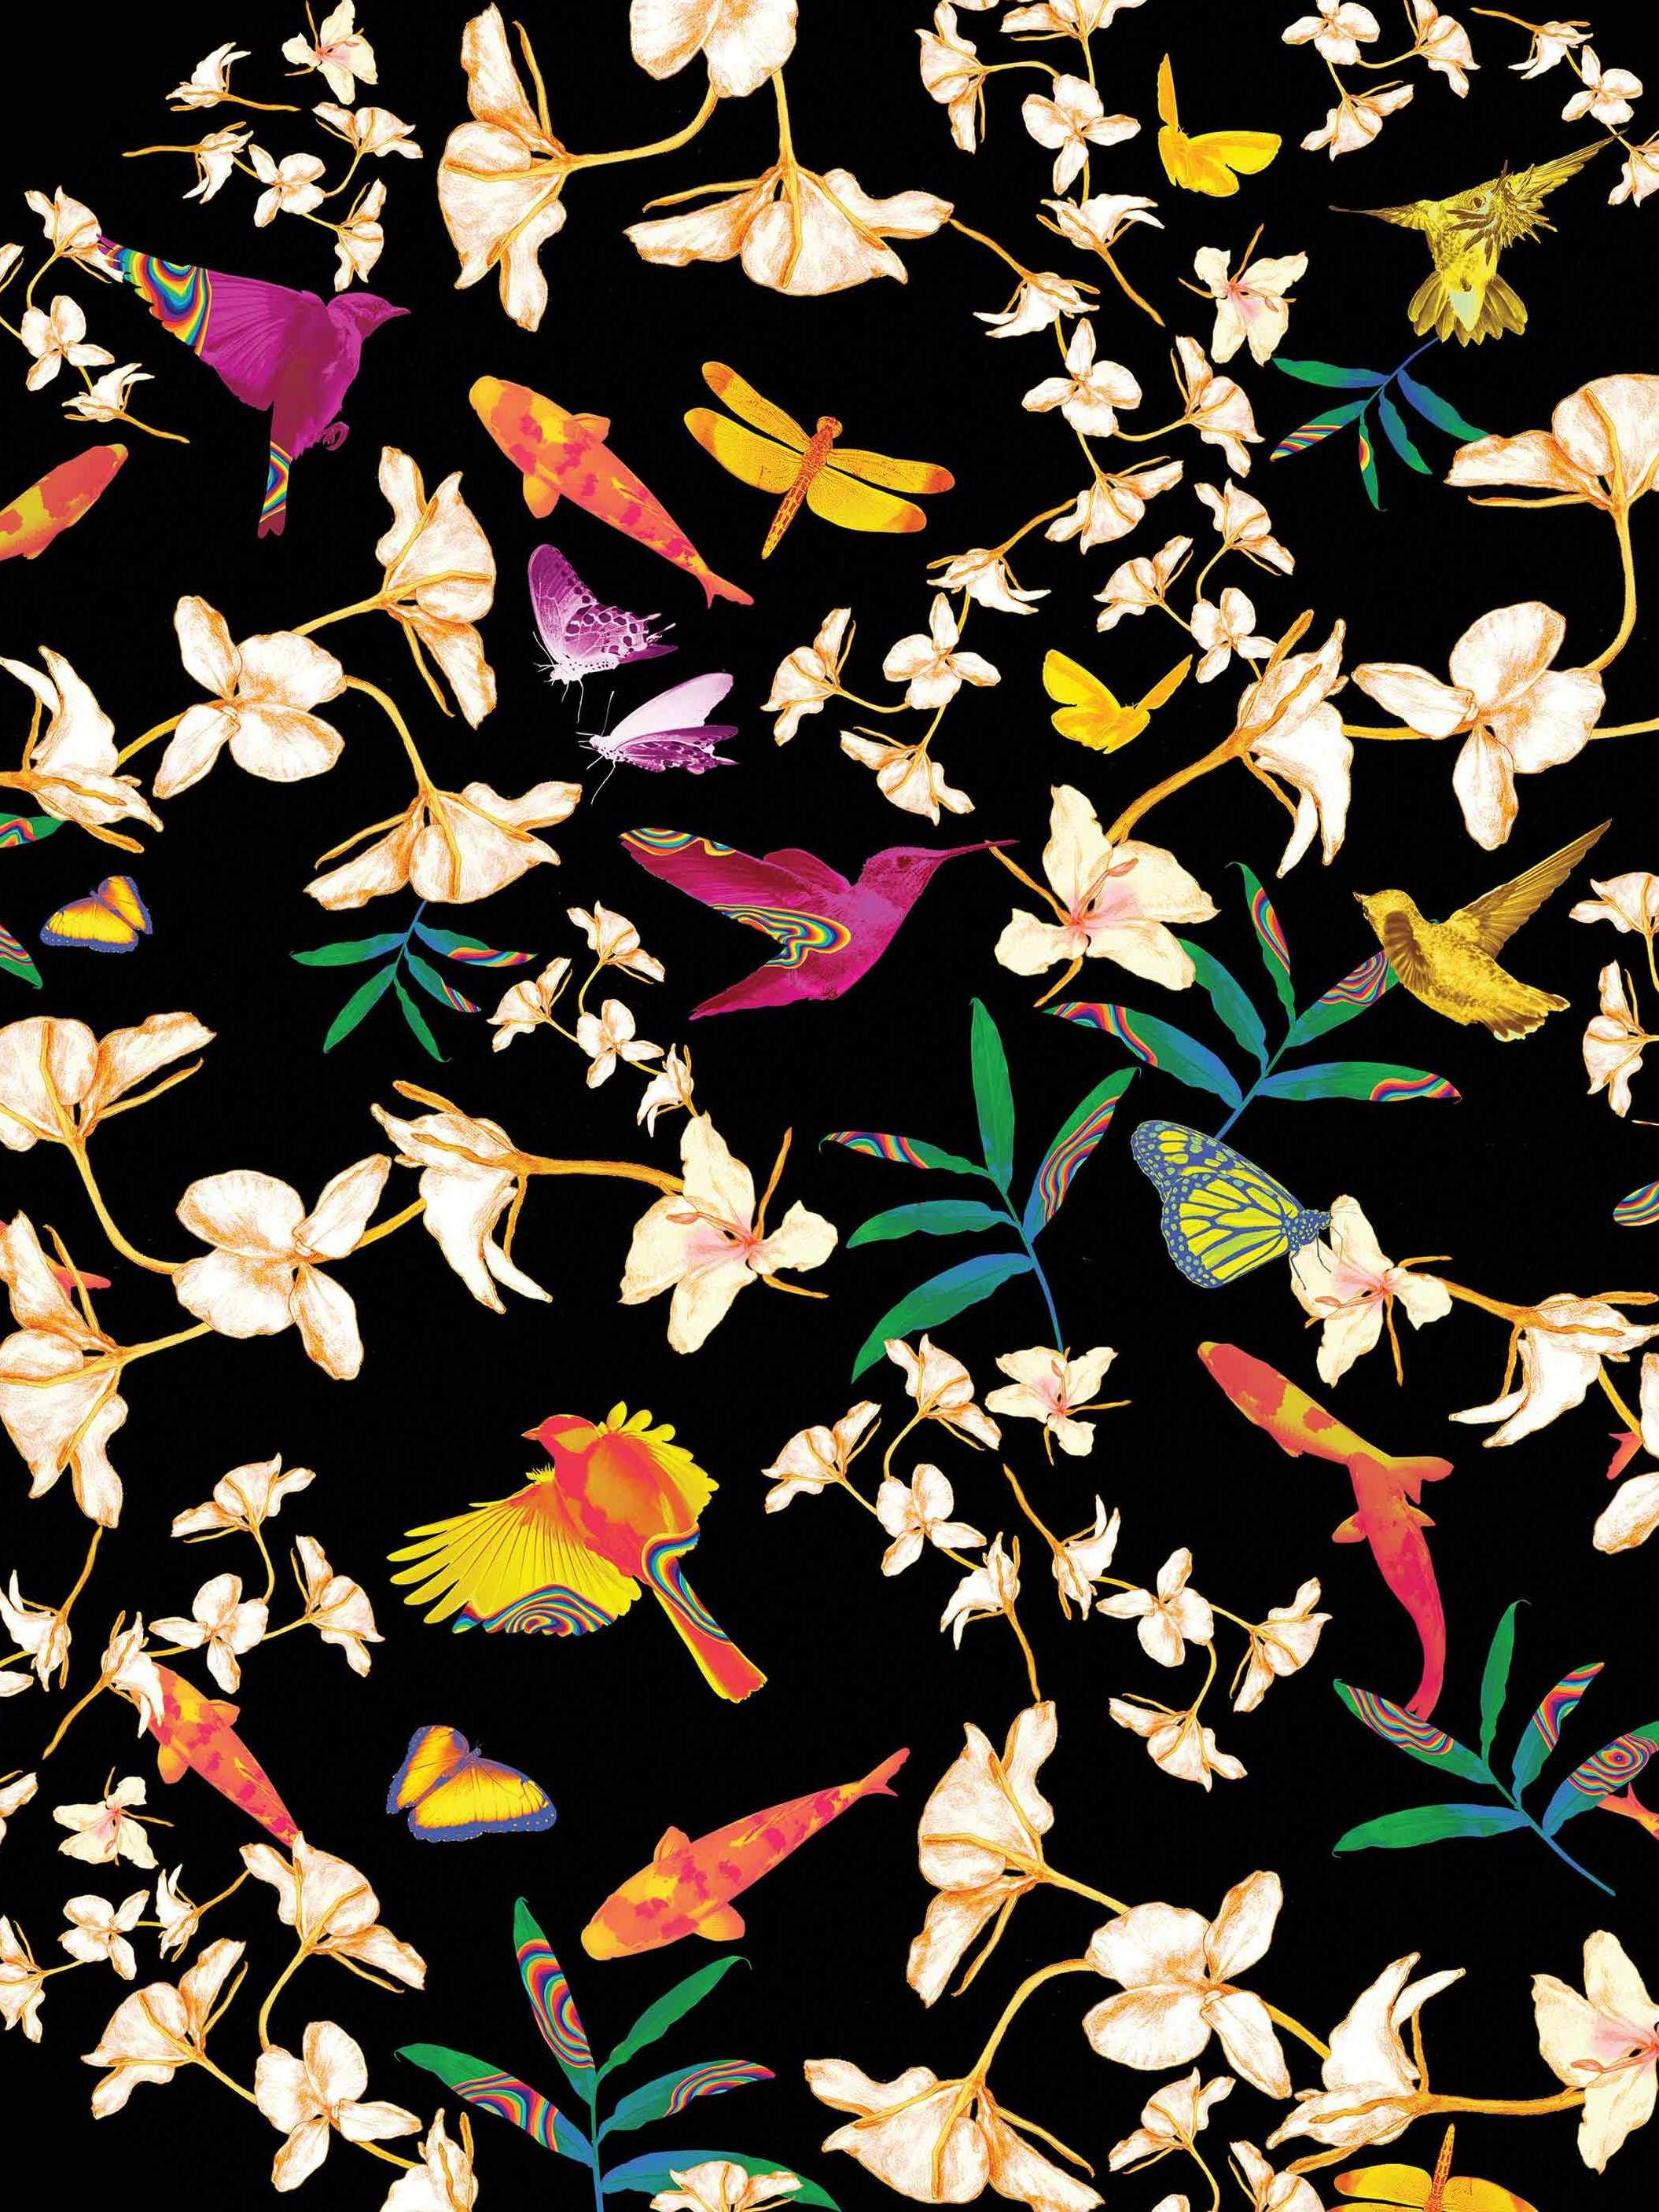 butterfly jacky tsai